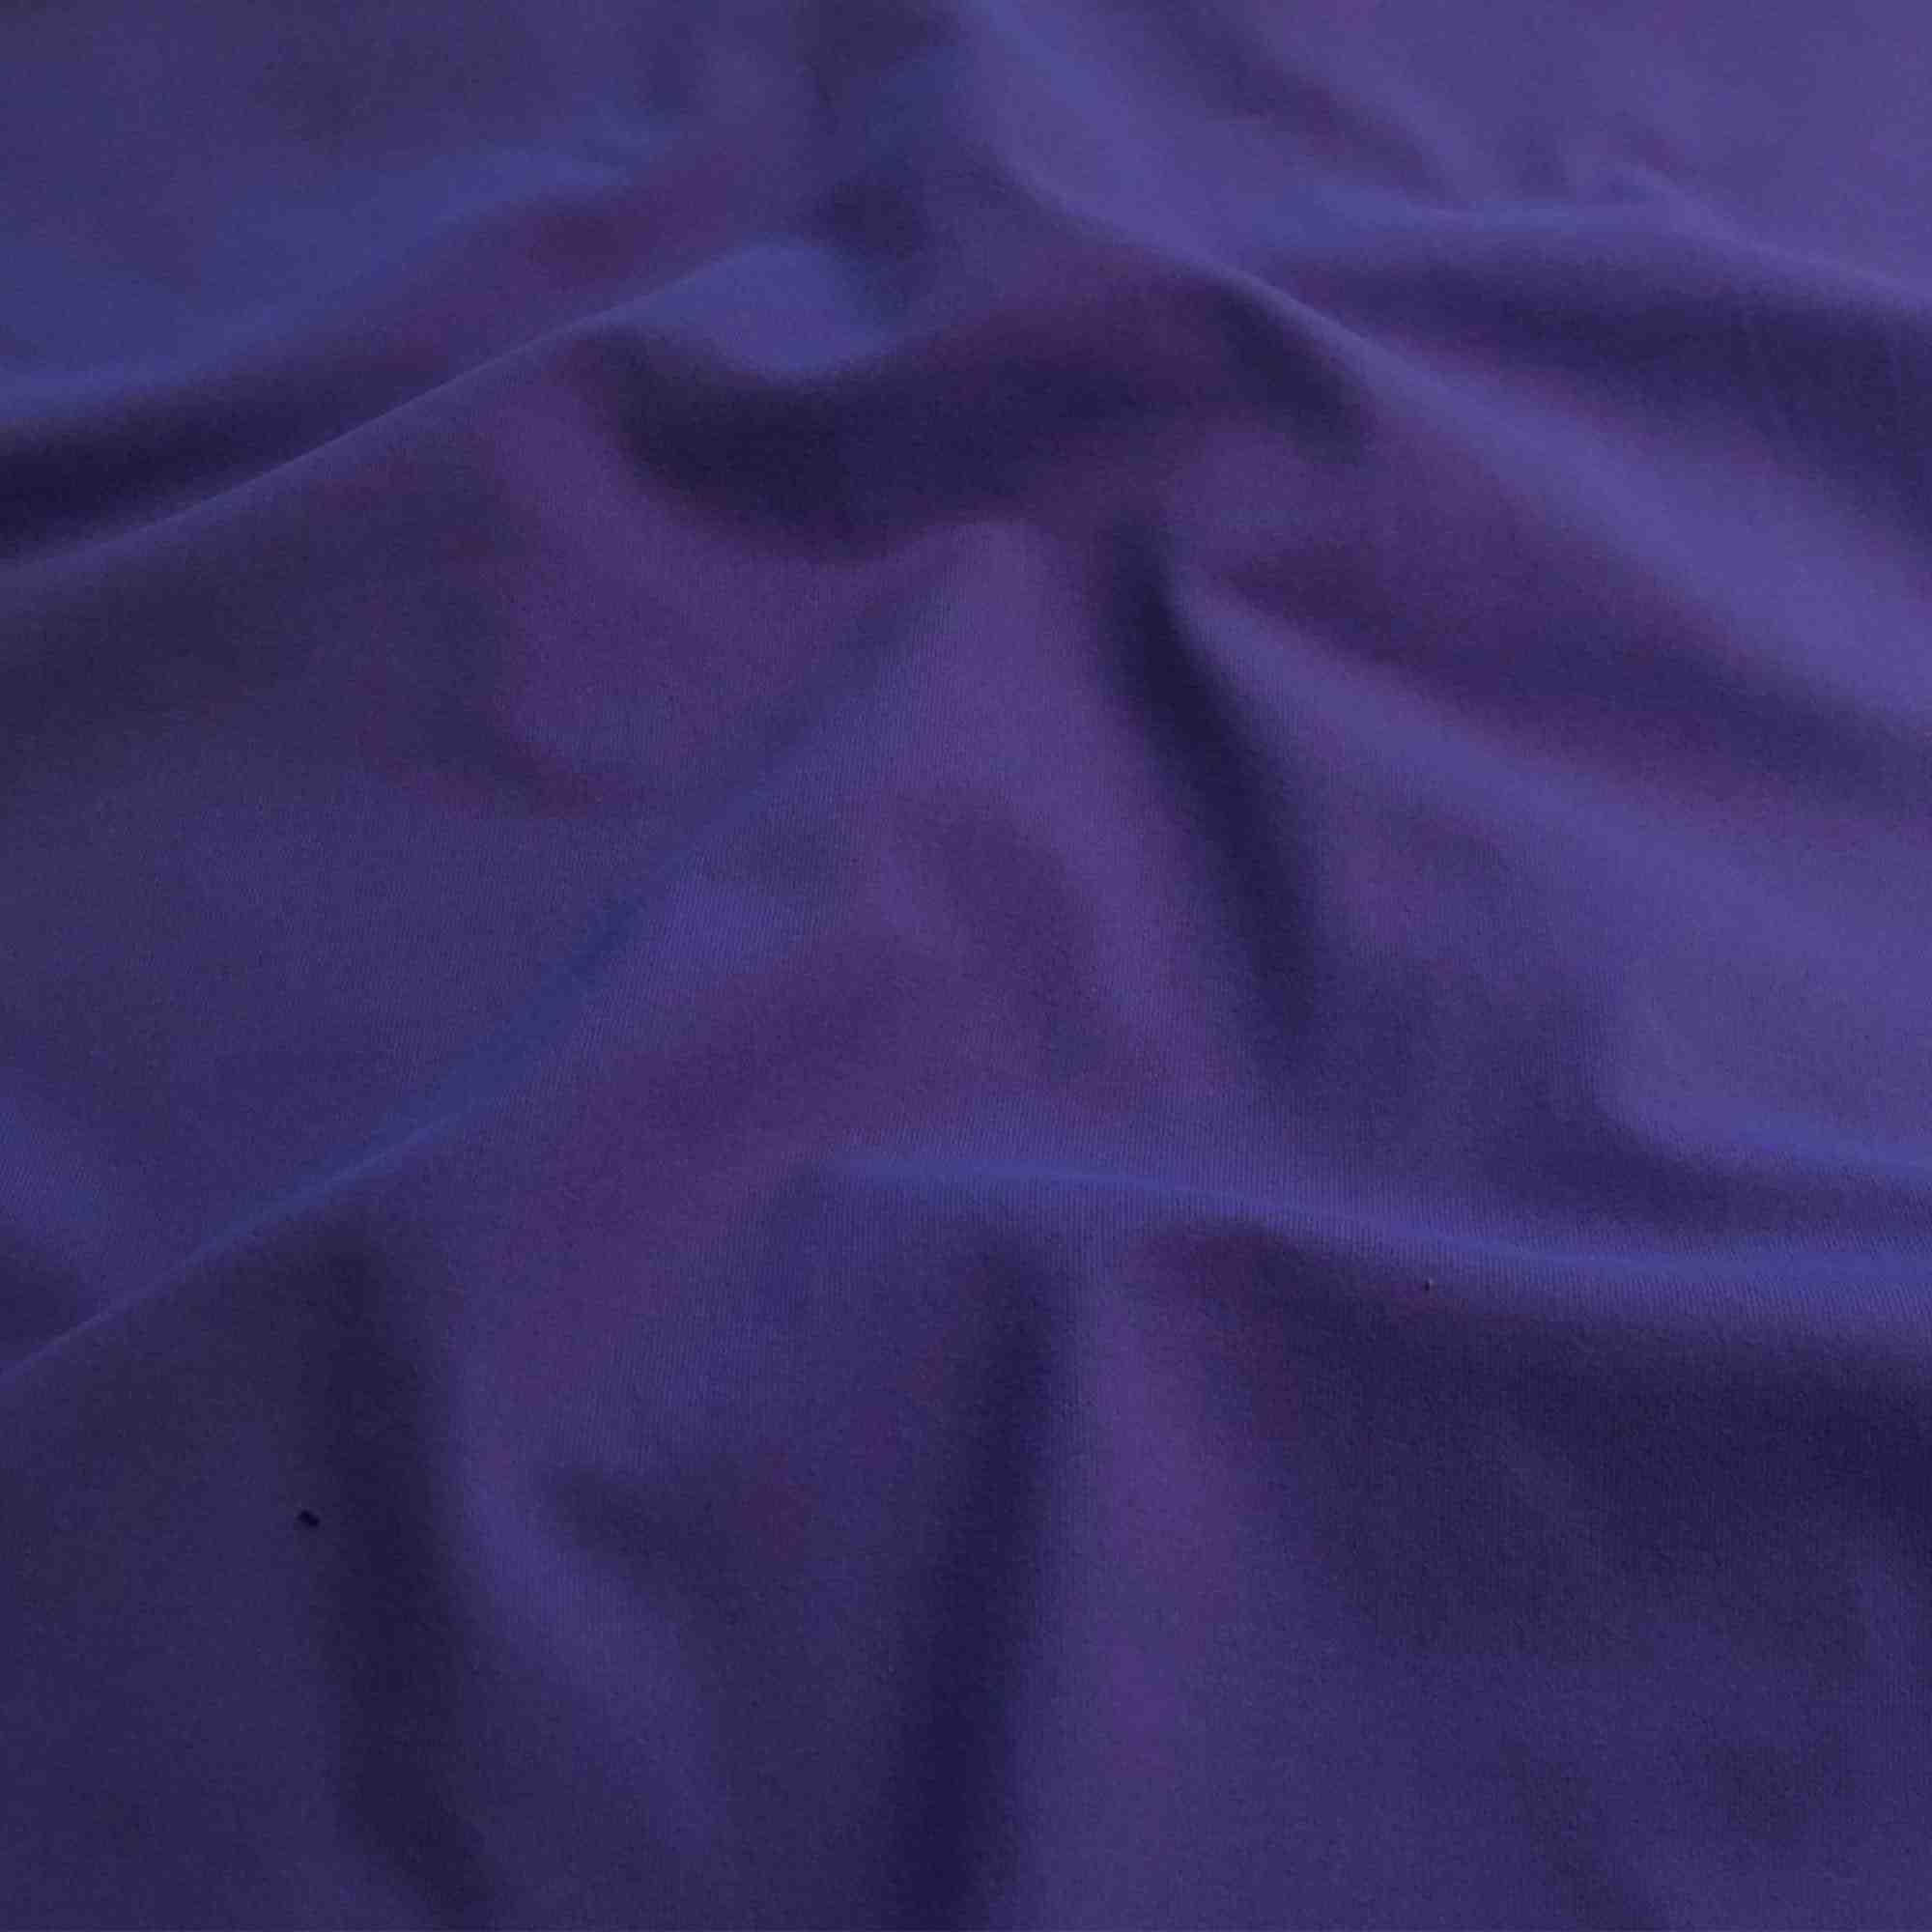 Suplex Lilás Escuro